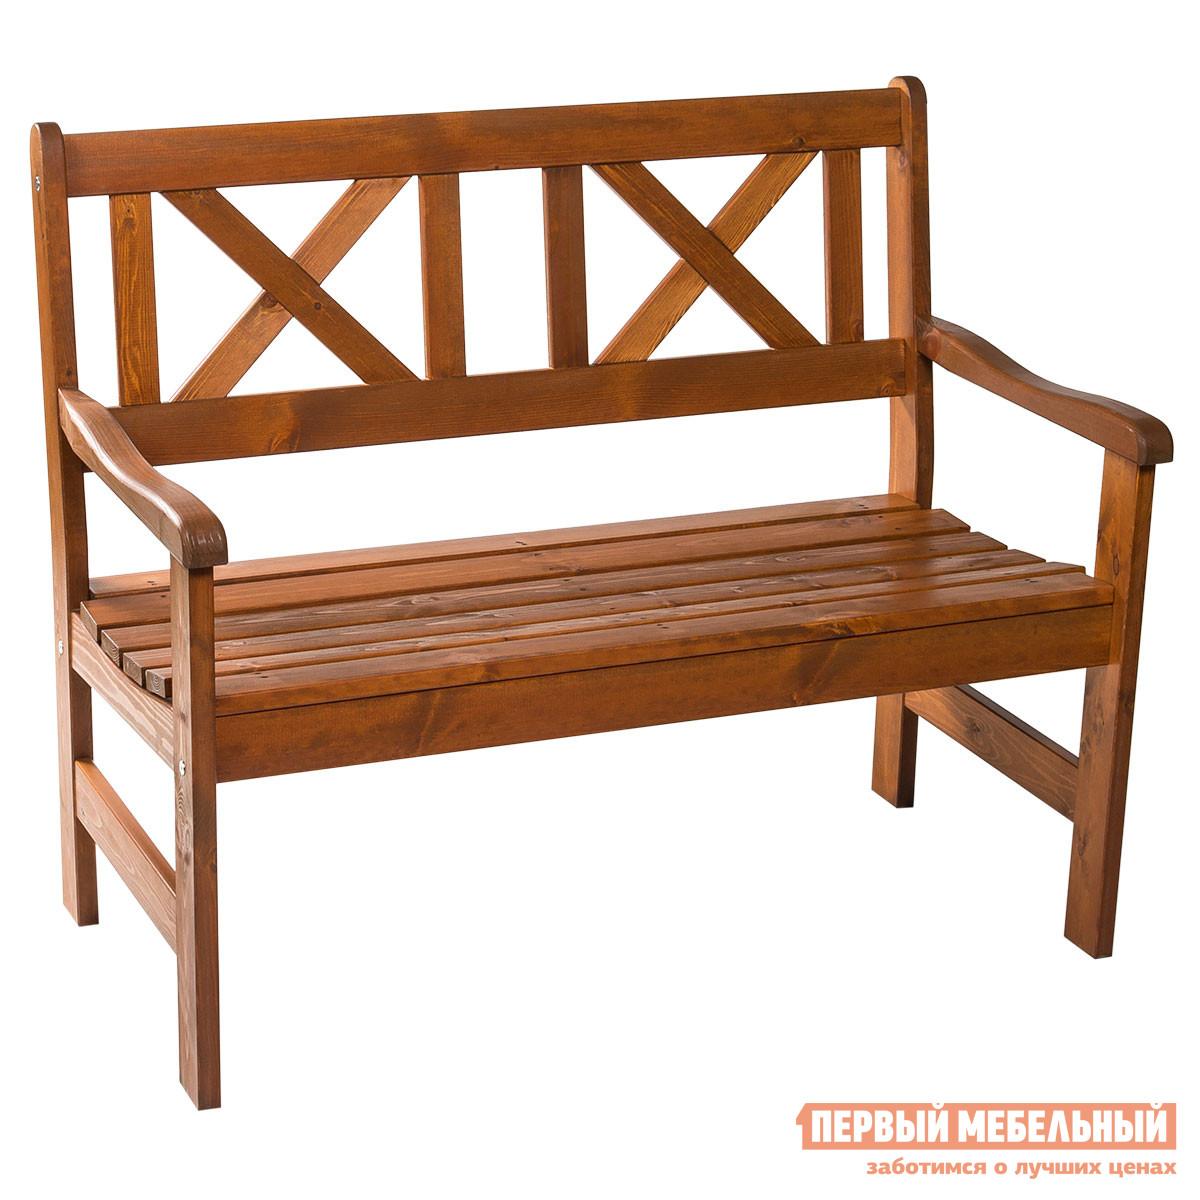 Деревянная скамейка со спинкой для дачи Шведская линия 552022 Скамья 2х Europe